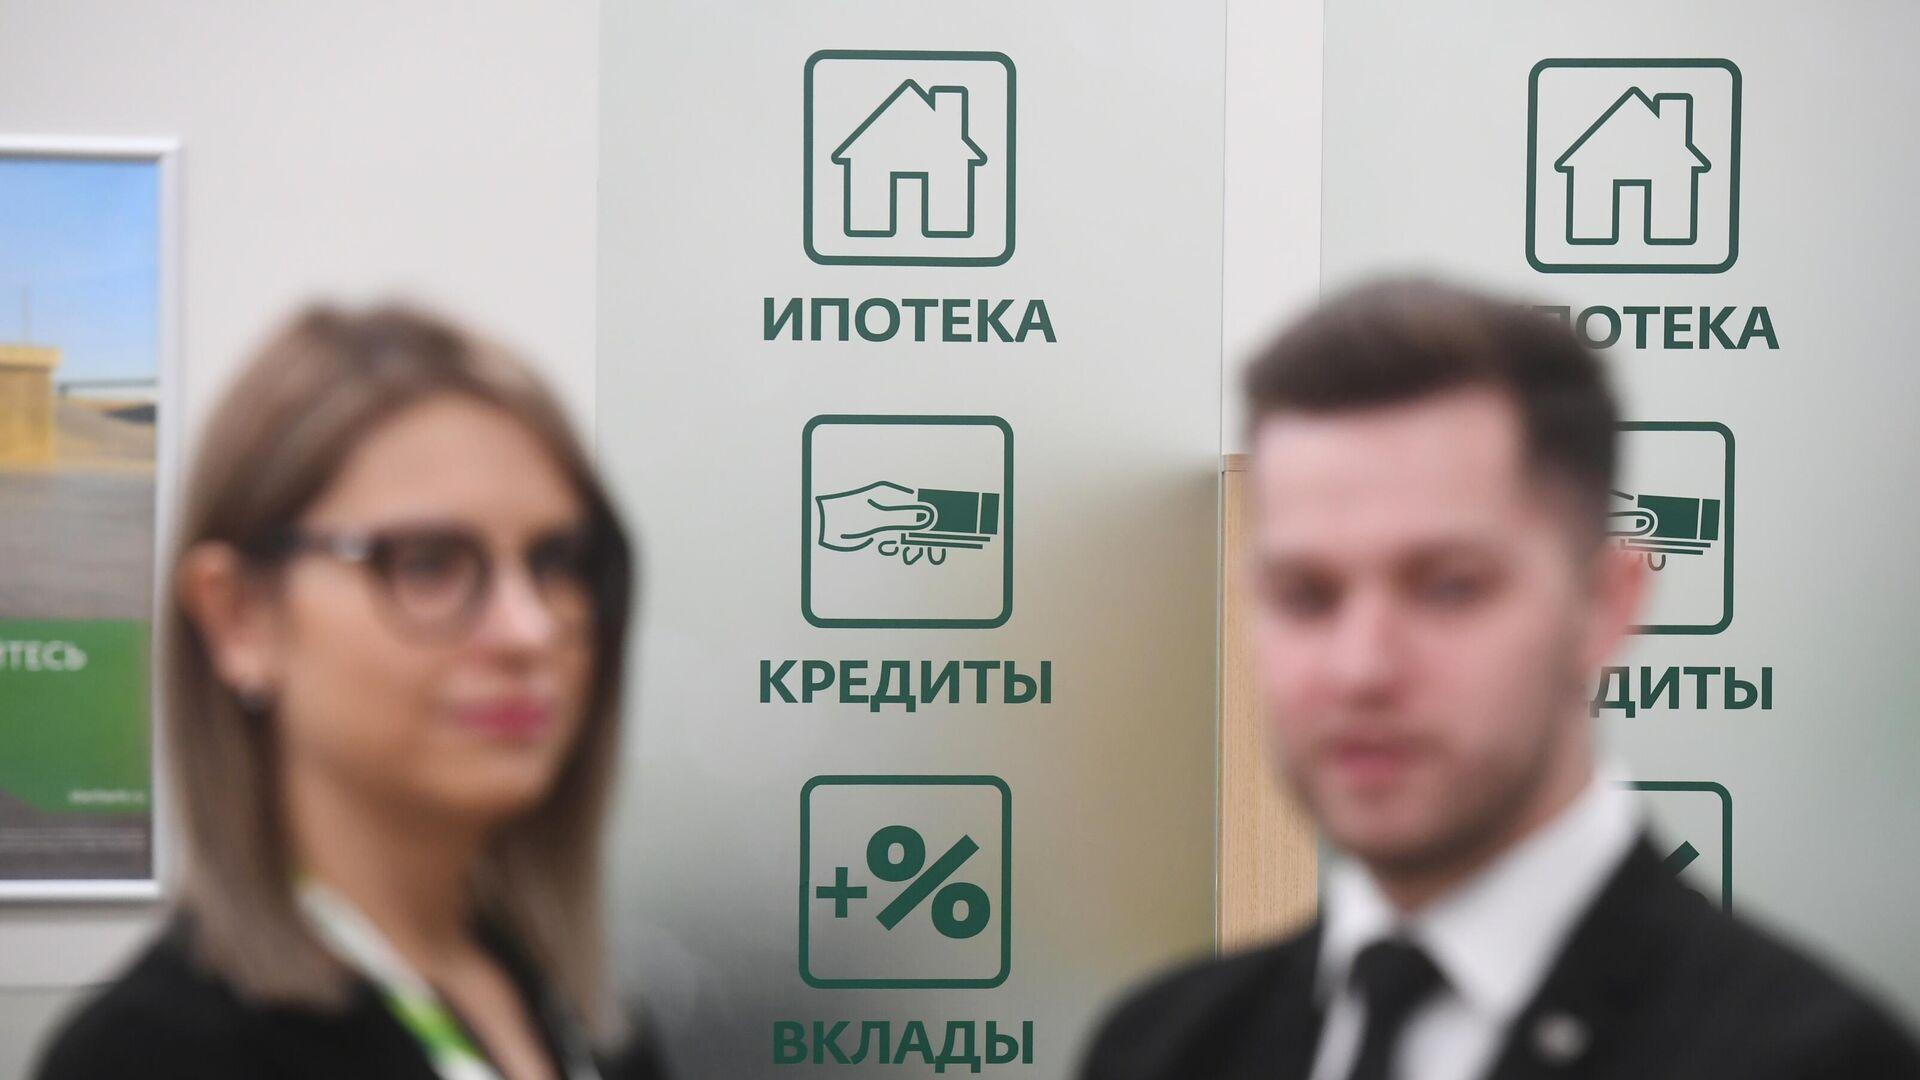 Отделение банка в Москве - РИА Новости, 1920, 11.03.2020